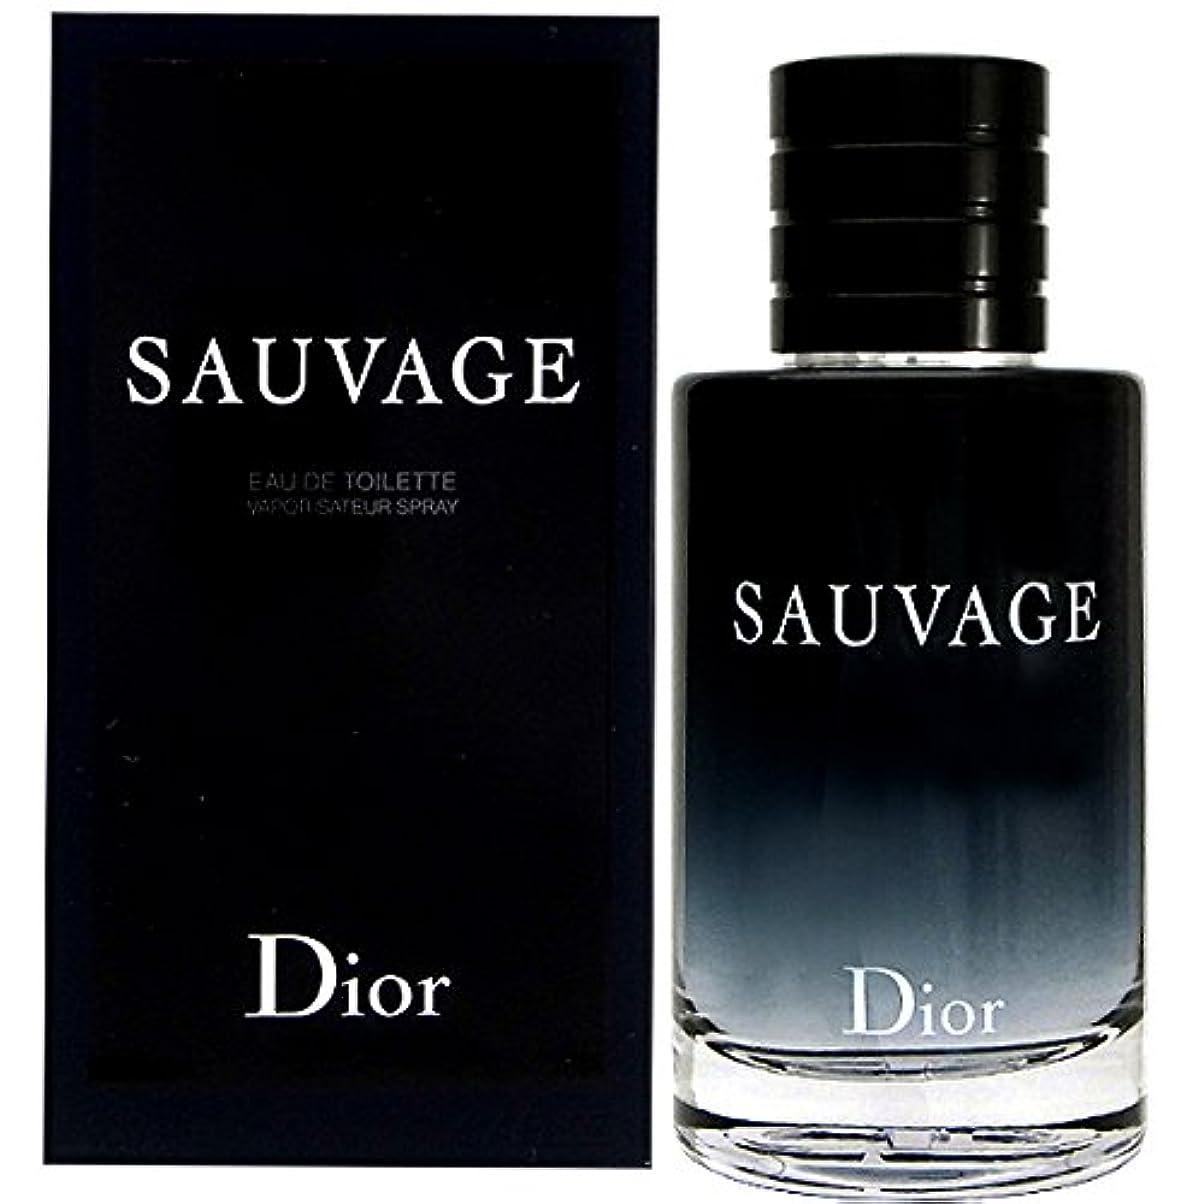 実用的利点提出するクリスチャンディオール Christian Dior ソヴァージュ 100ml EDT オードトワレ メンズ(香水) [並行輸入品]